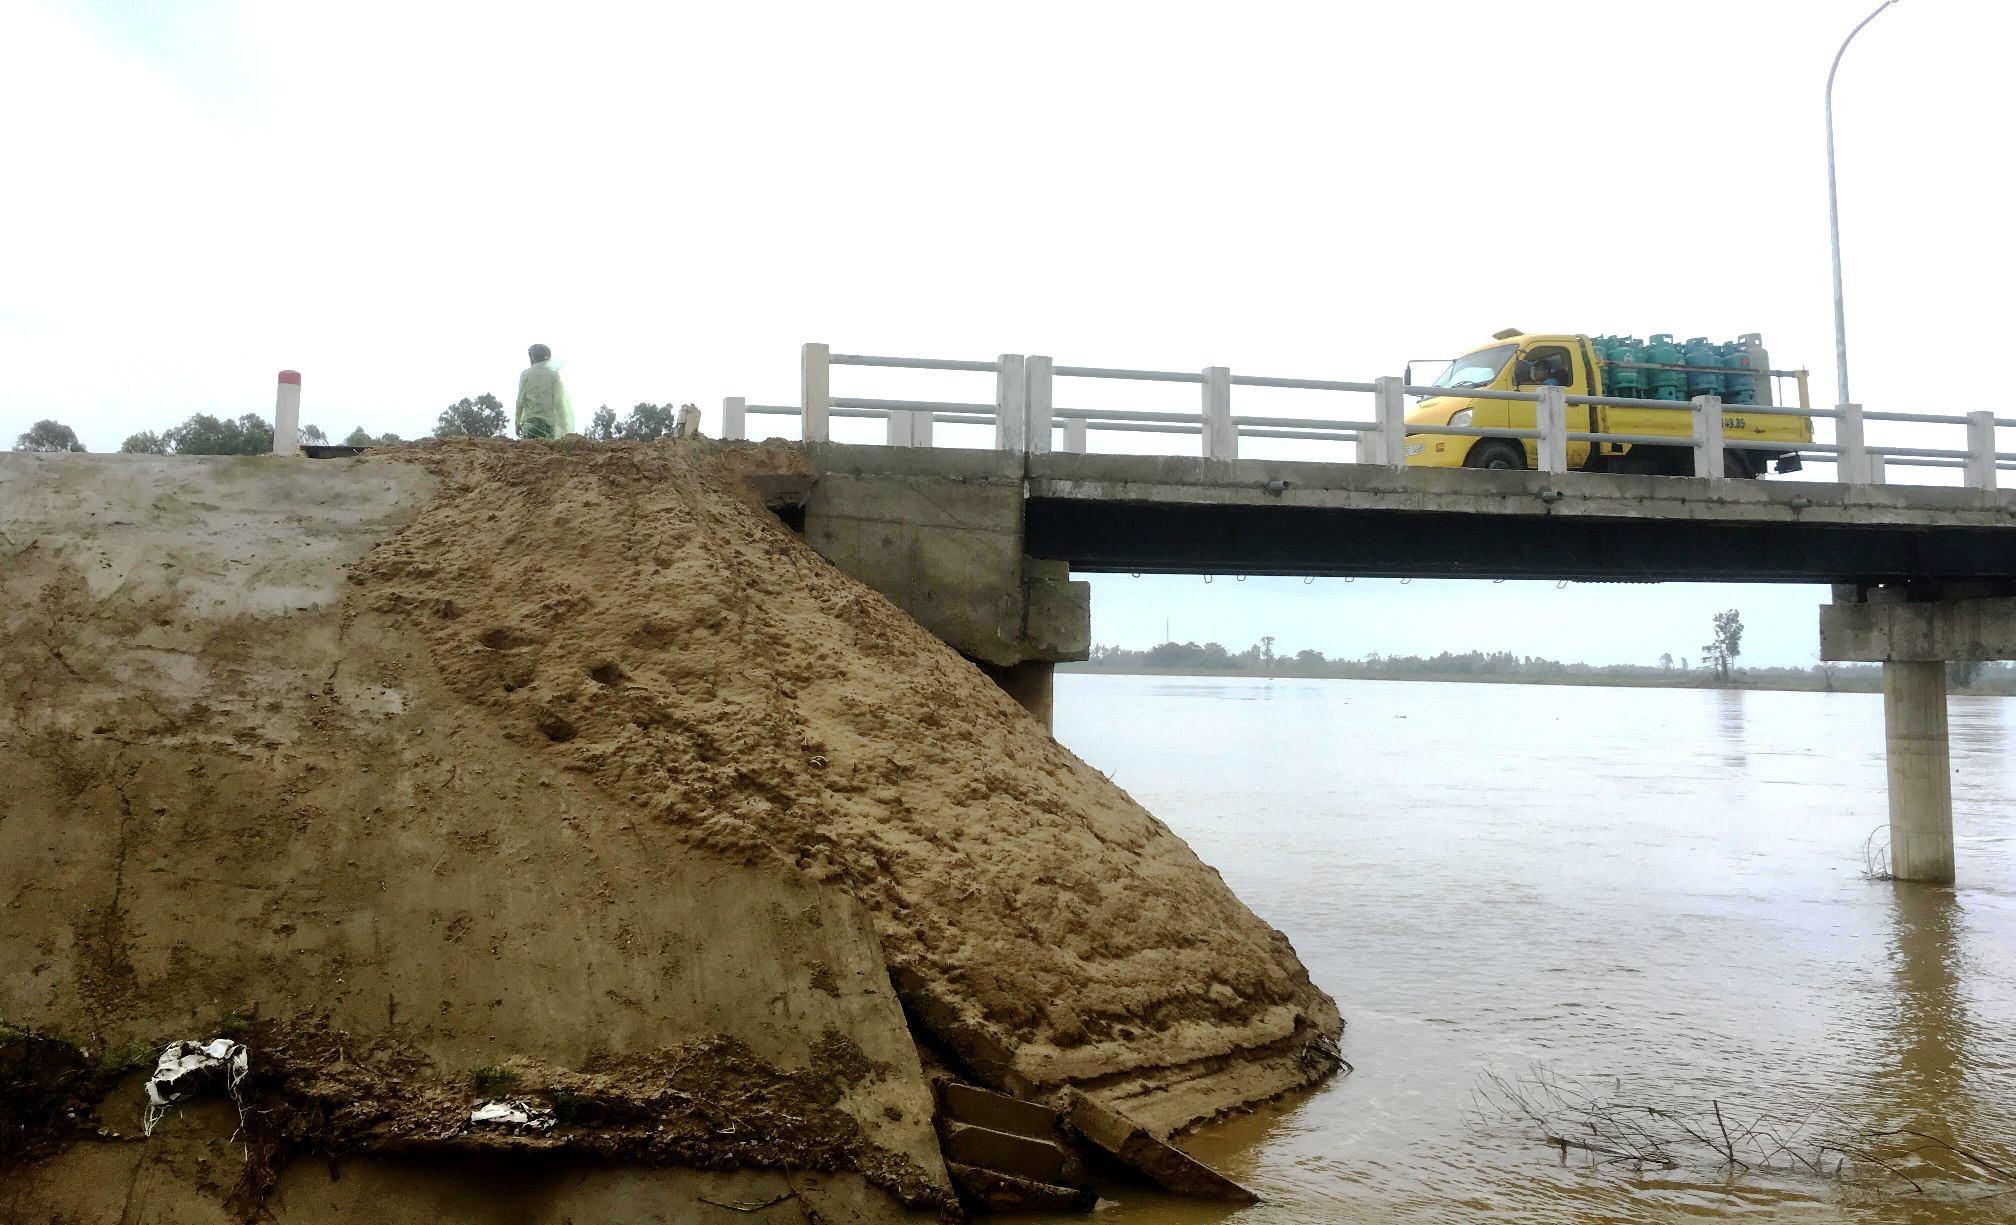 Mố cầu phía Đông sạt lở, đơn vị thi công đã đắp đất nhằm hạn chế thêm mức độ hư hỏng của cầu. Ảnh: PHAN VINH